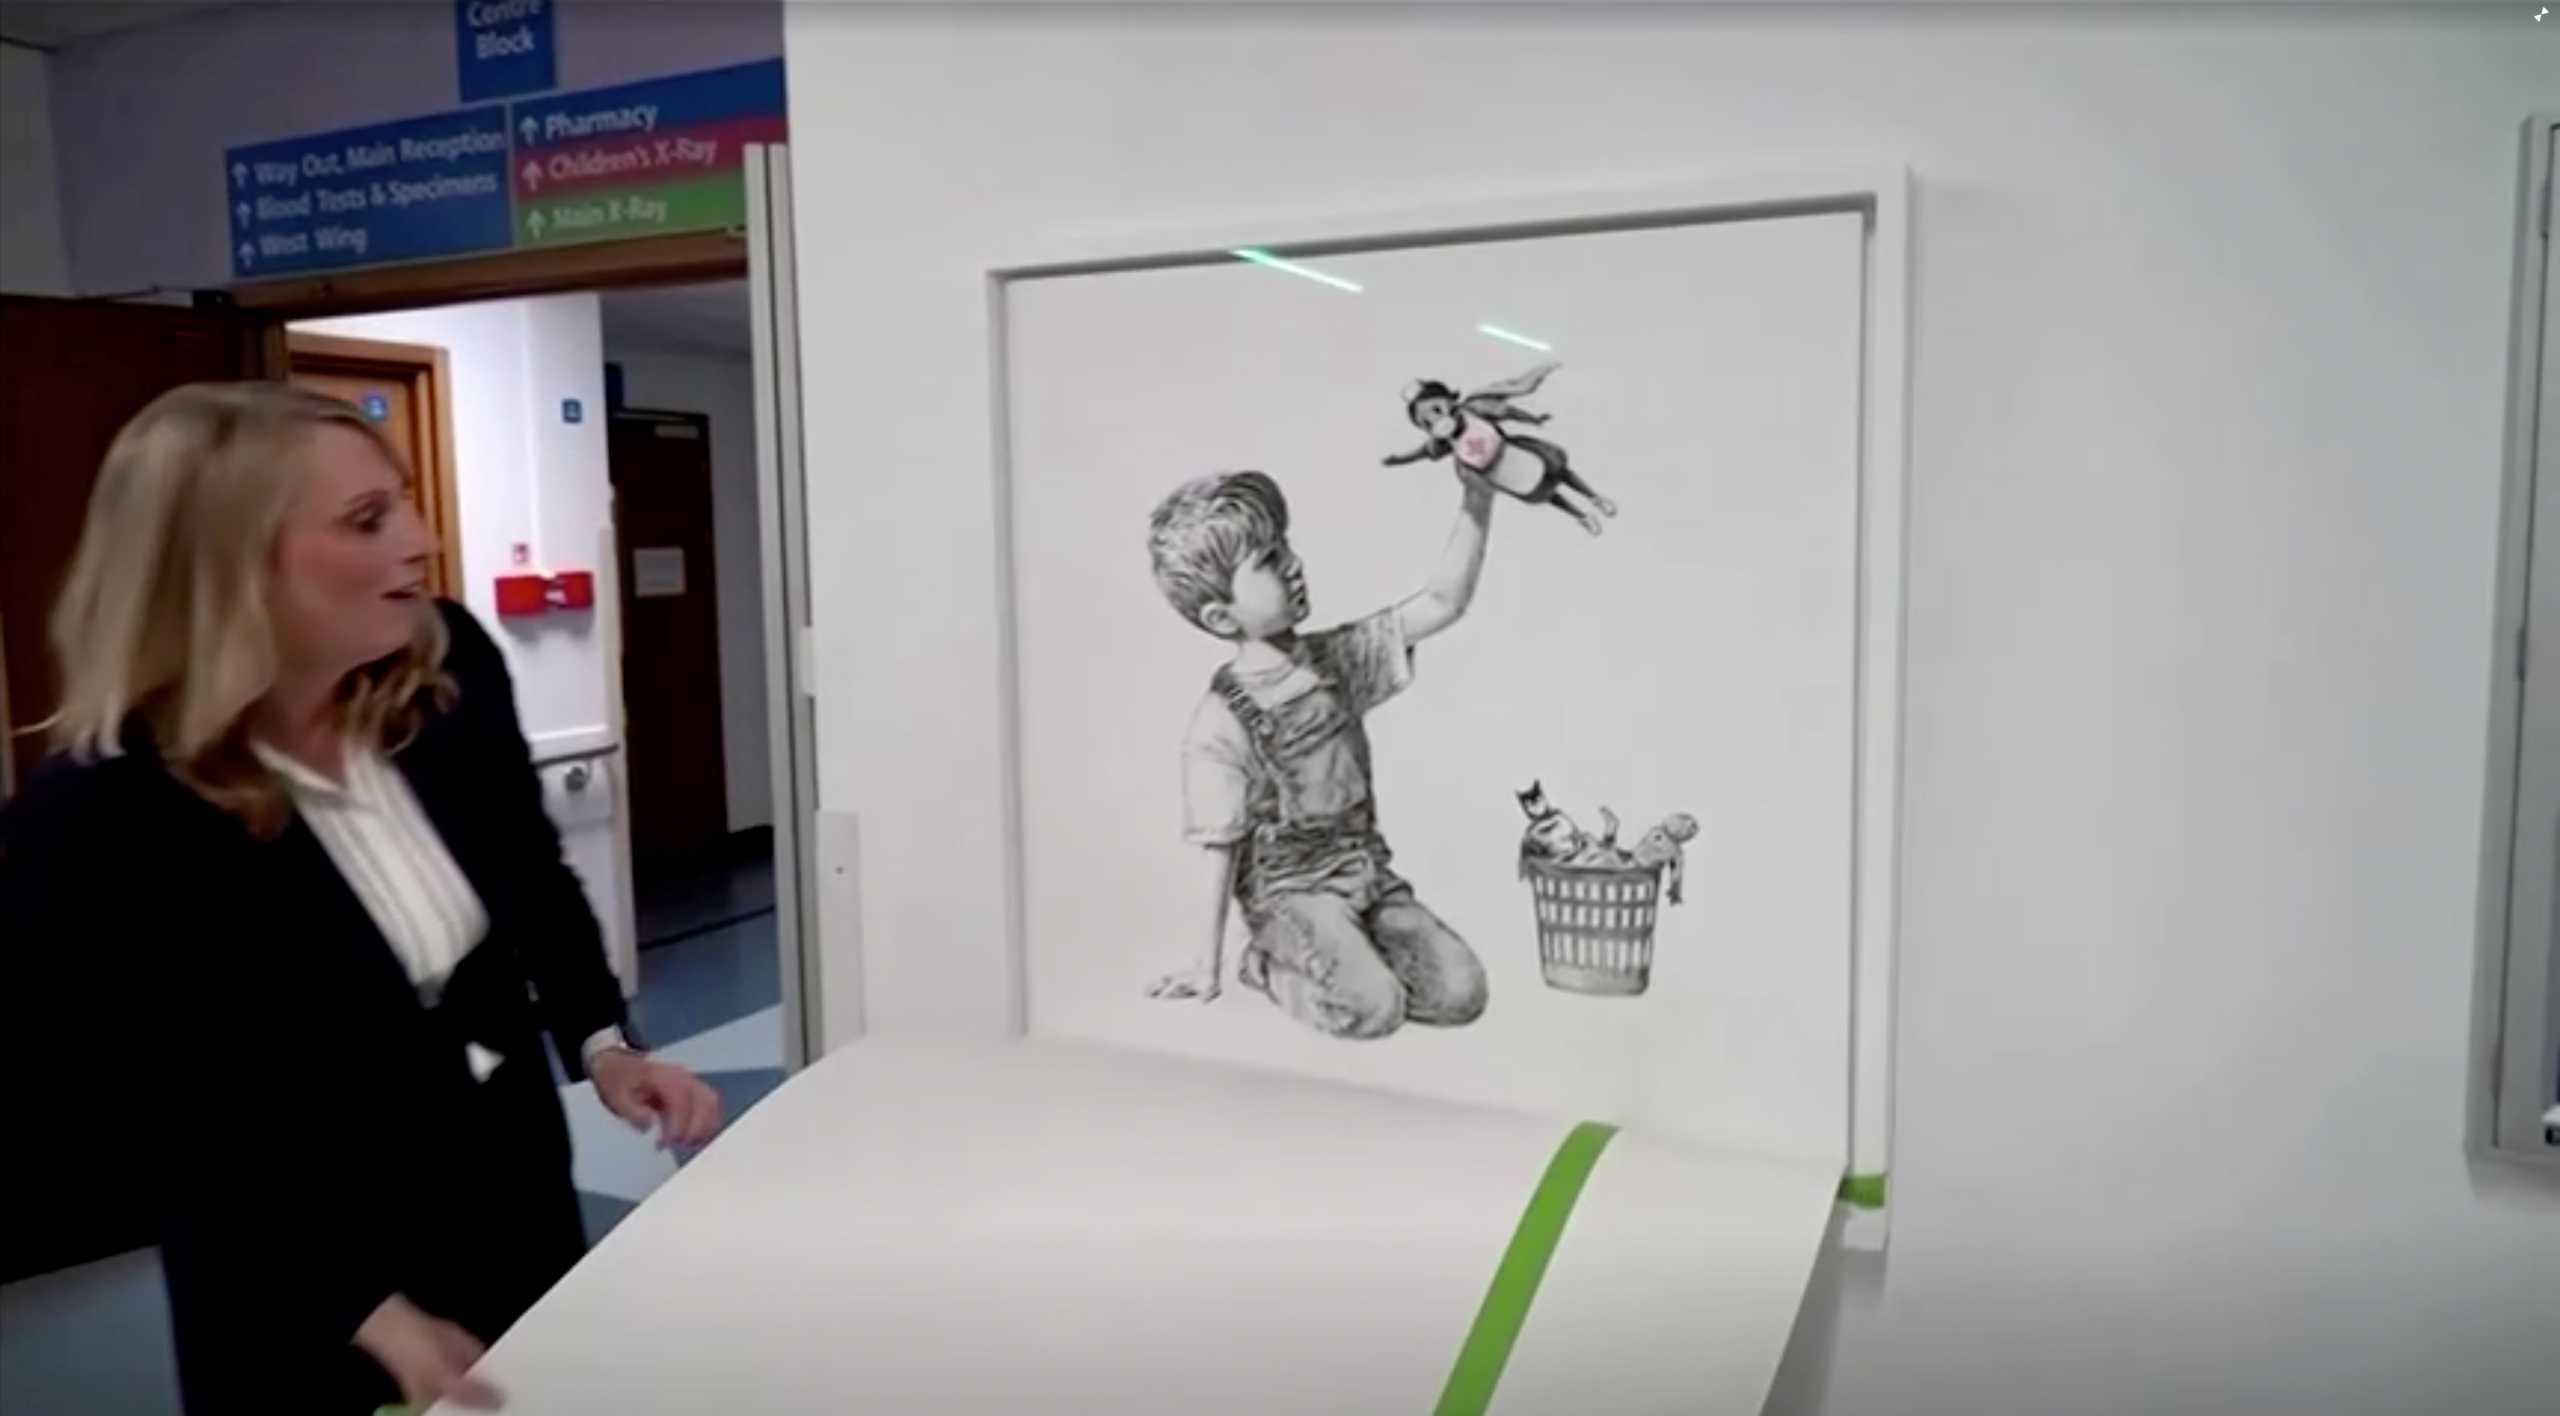 Τιμή ρεκόρ για τον πίνακα του Banksy φόρο τιμής στους νοσηλευτές